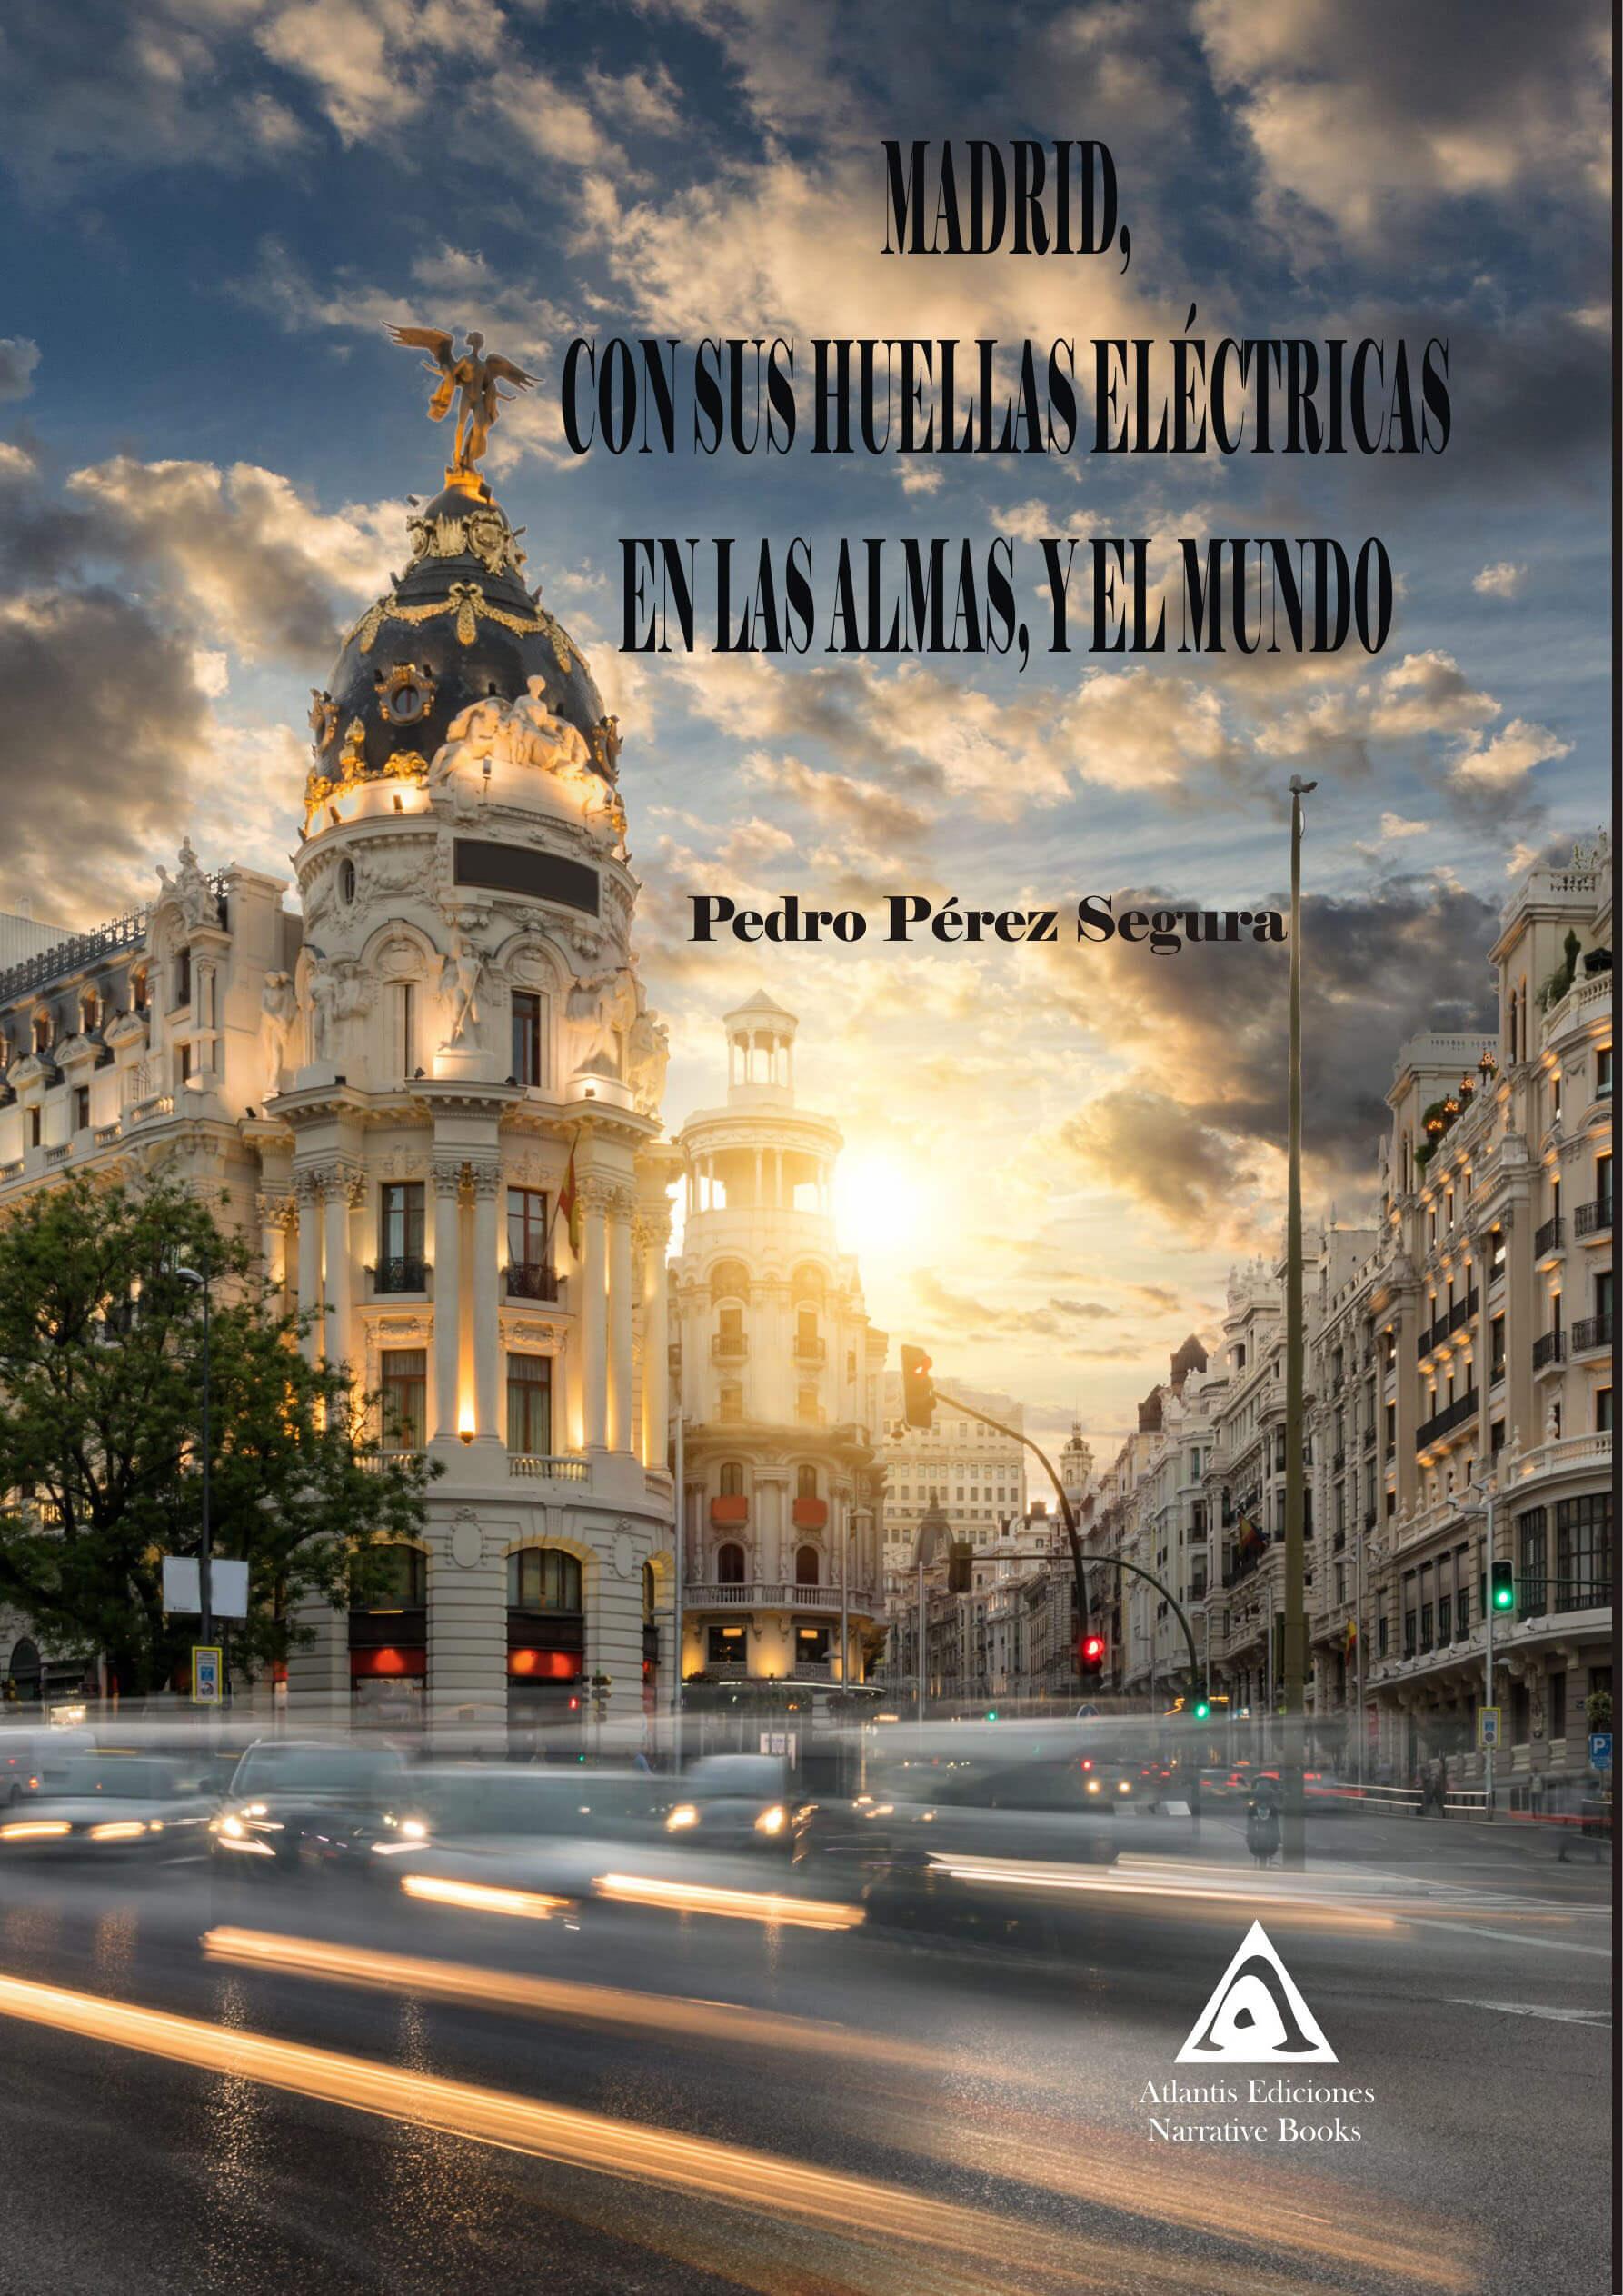 Madrid, con sus huellas eléctricas en las almas, y el mundo, una obra de Pedro Pérez Segura